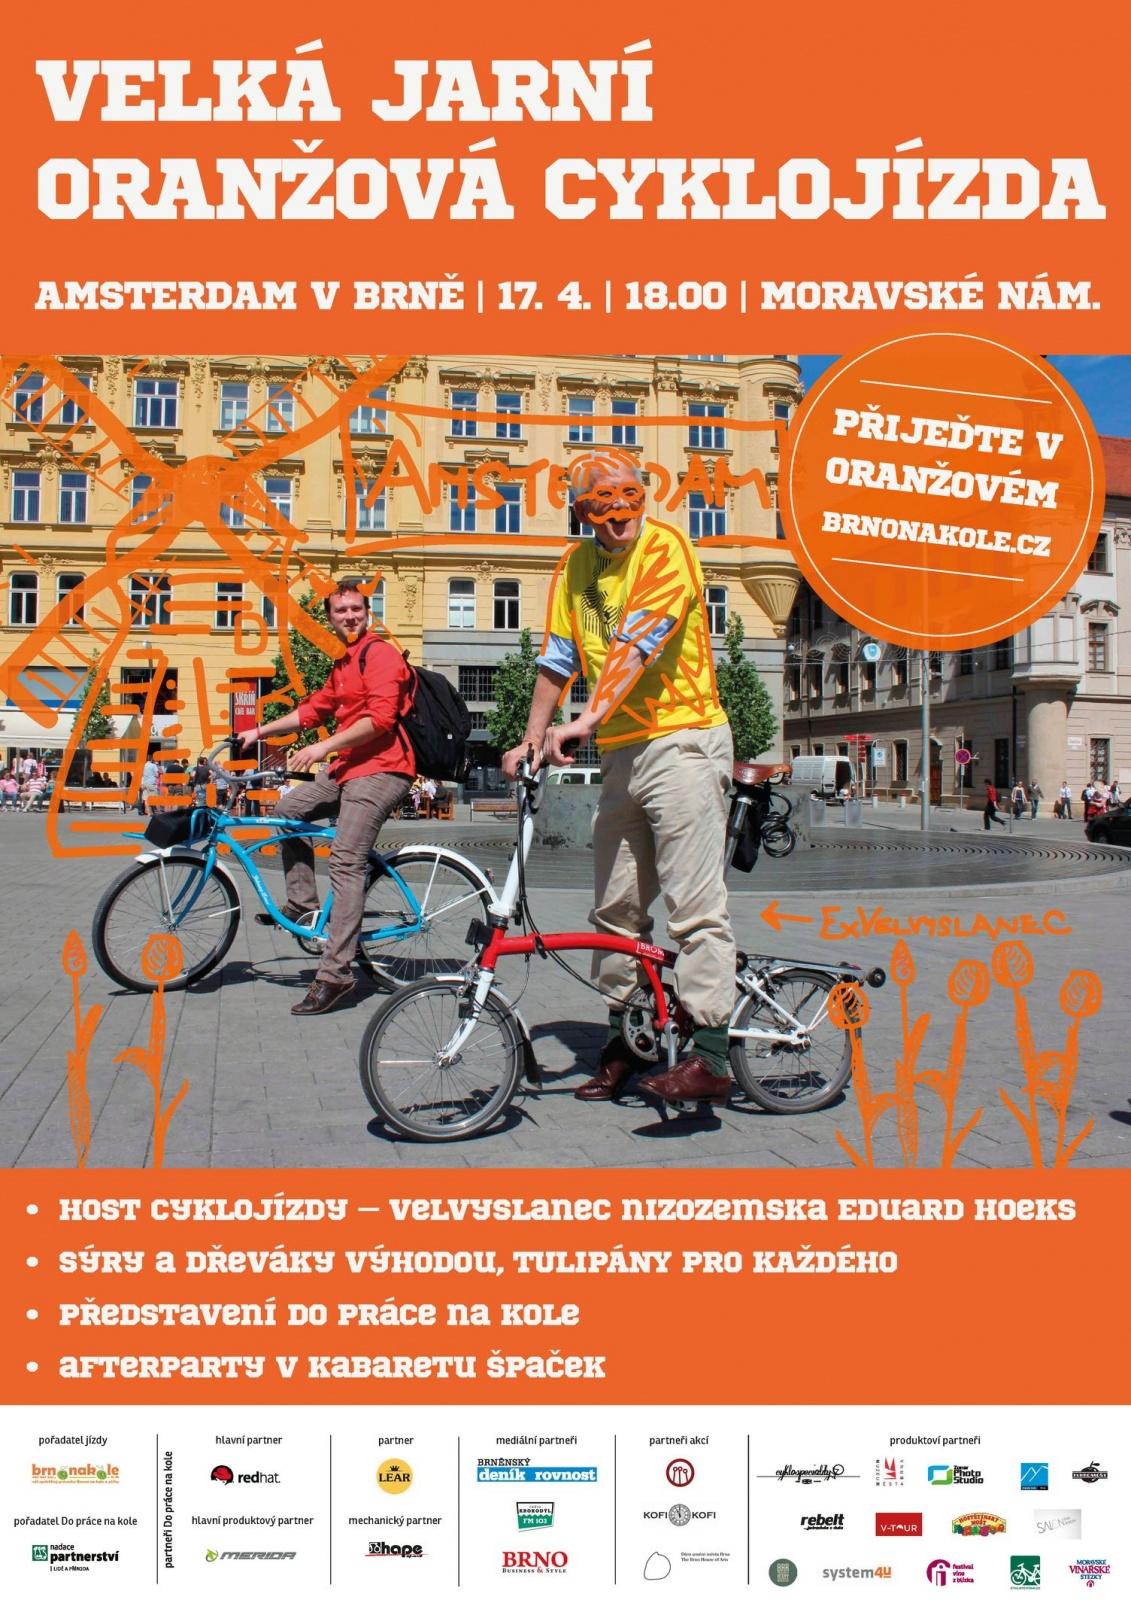 Velká jarní oranžová cyklojízda aneb Udělejme z Brna Amsterdam!